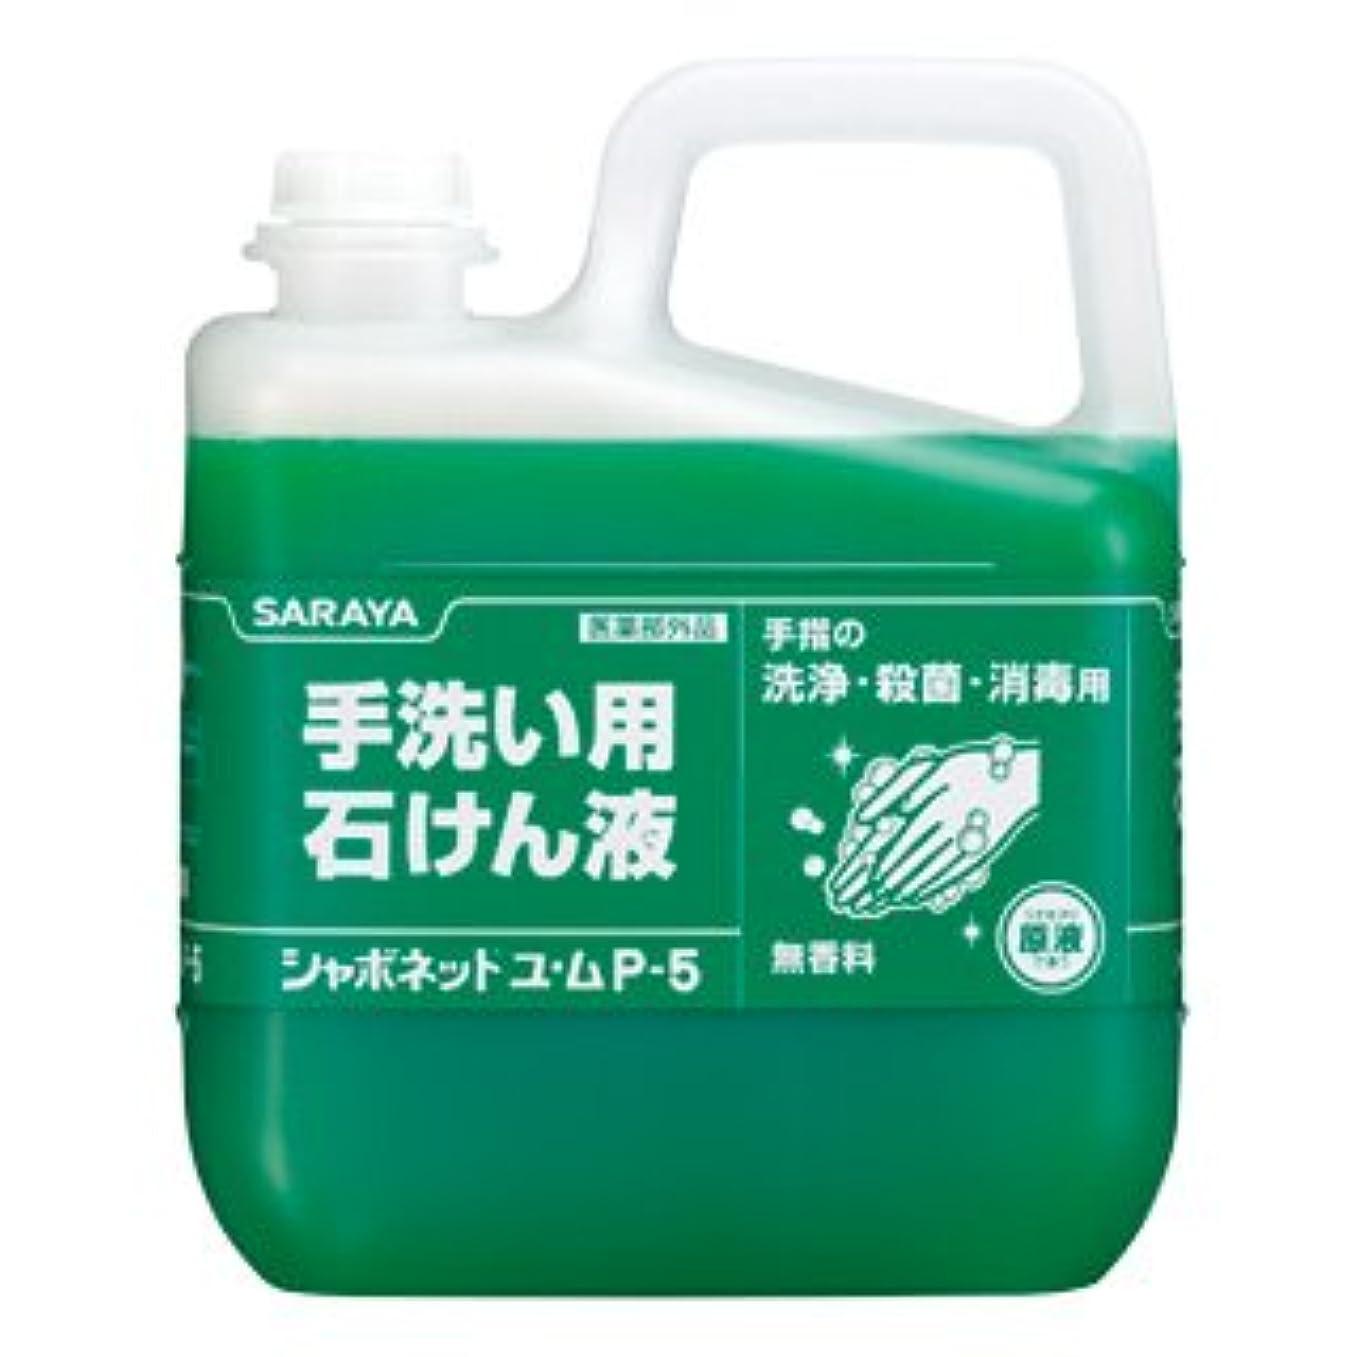 半島緊張承認サラヤ業務用 手洗い用石鹸液 シャボネットユ?ムP−5 5kg×3本入 まとめ買い 殺菌と消毒 泡?液どちらもOK PPTR制度対応品 saraya